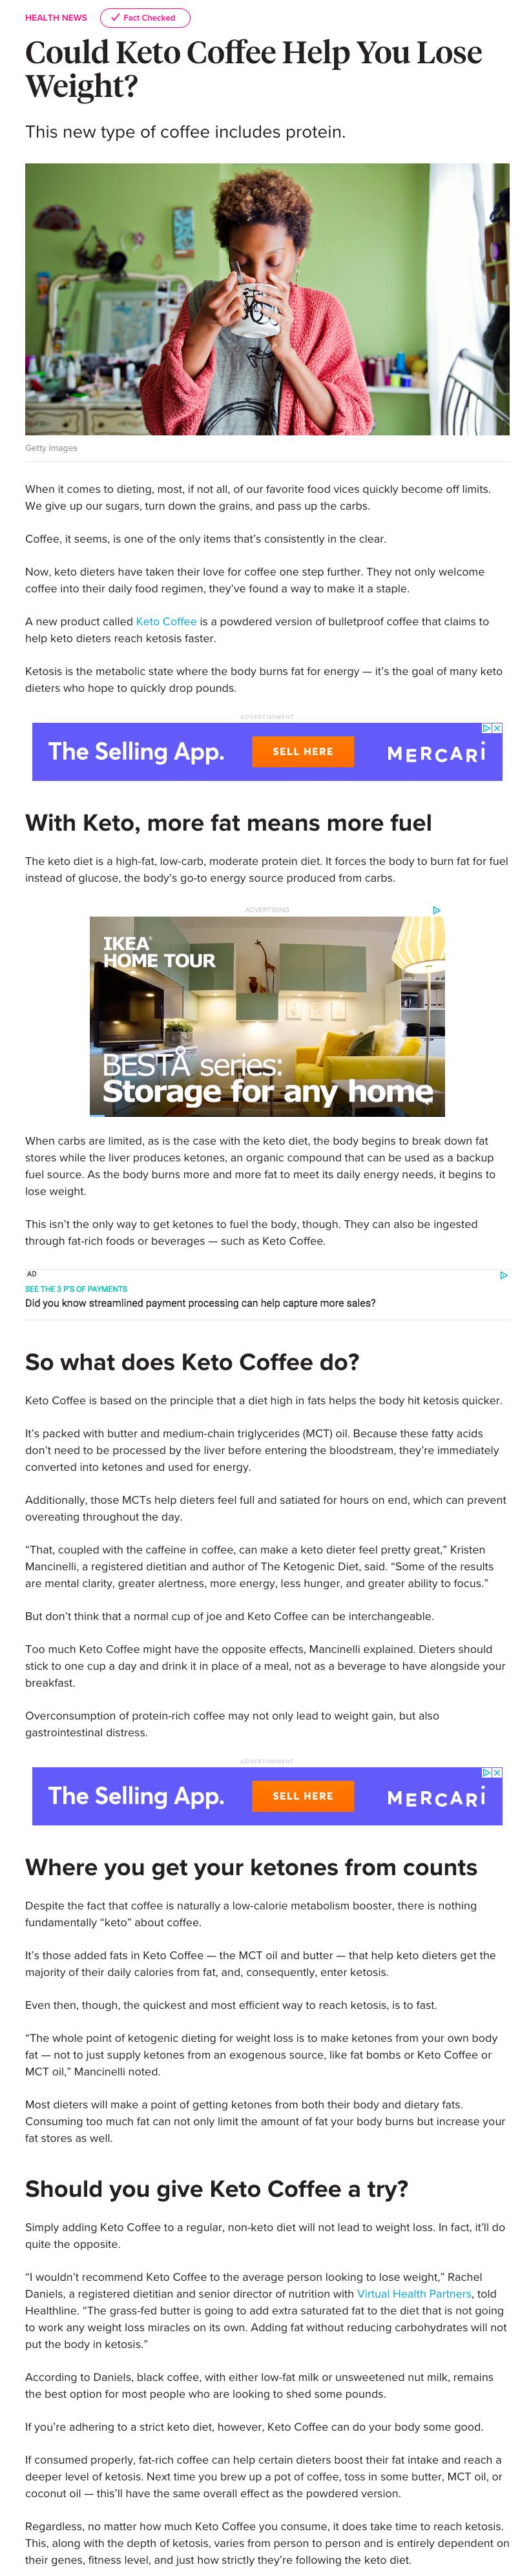 Healthline_Keto coffee.png